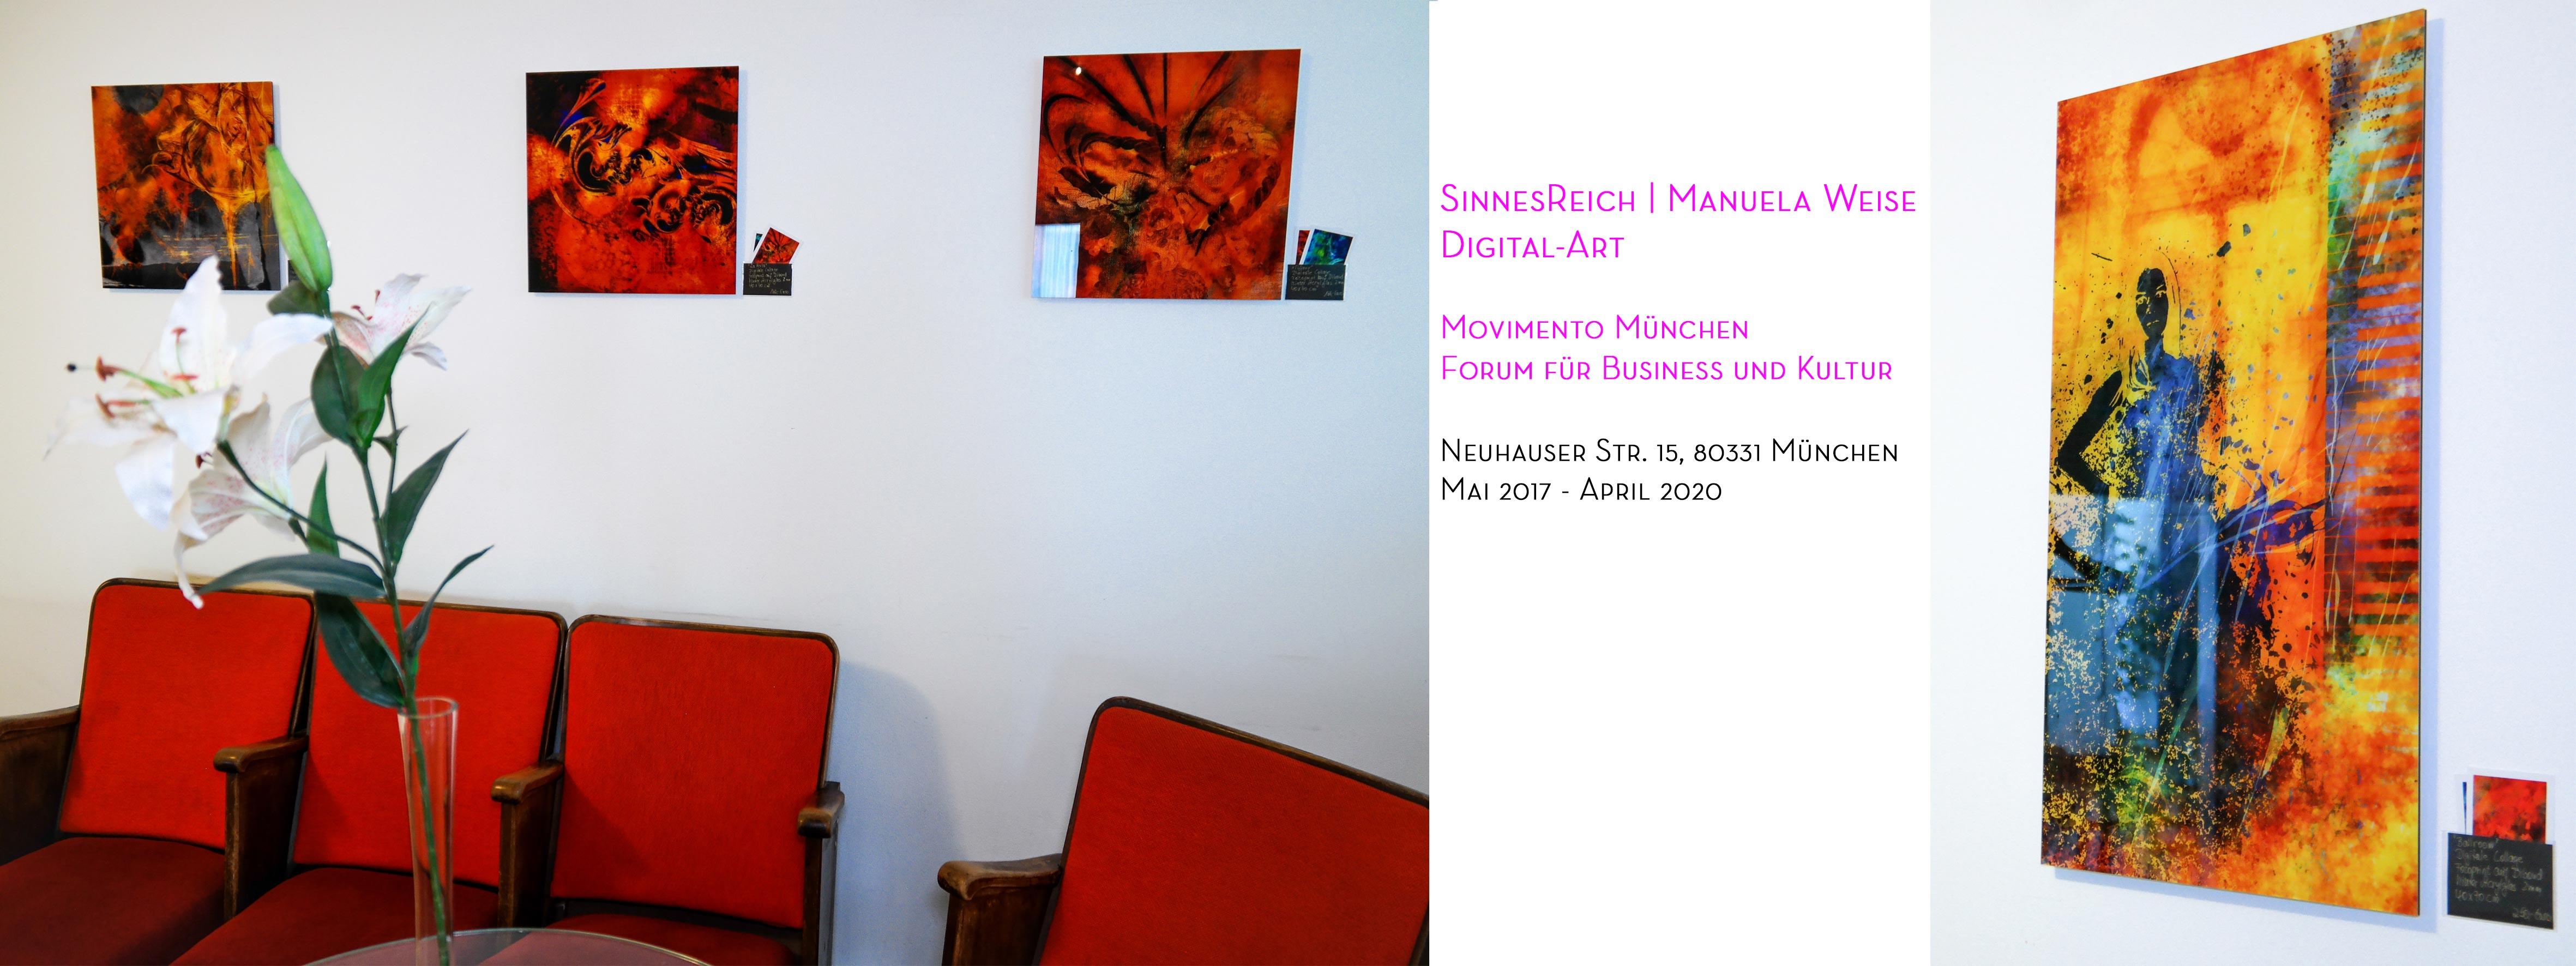 Ausstellung MOVIMENTO München | Zentrum für Business und Kultur